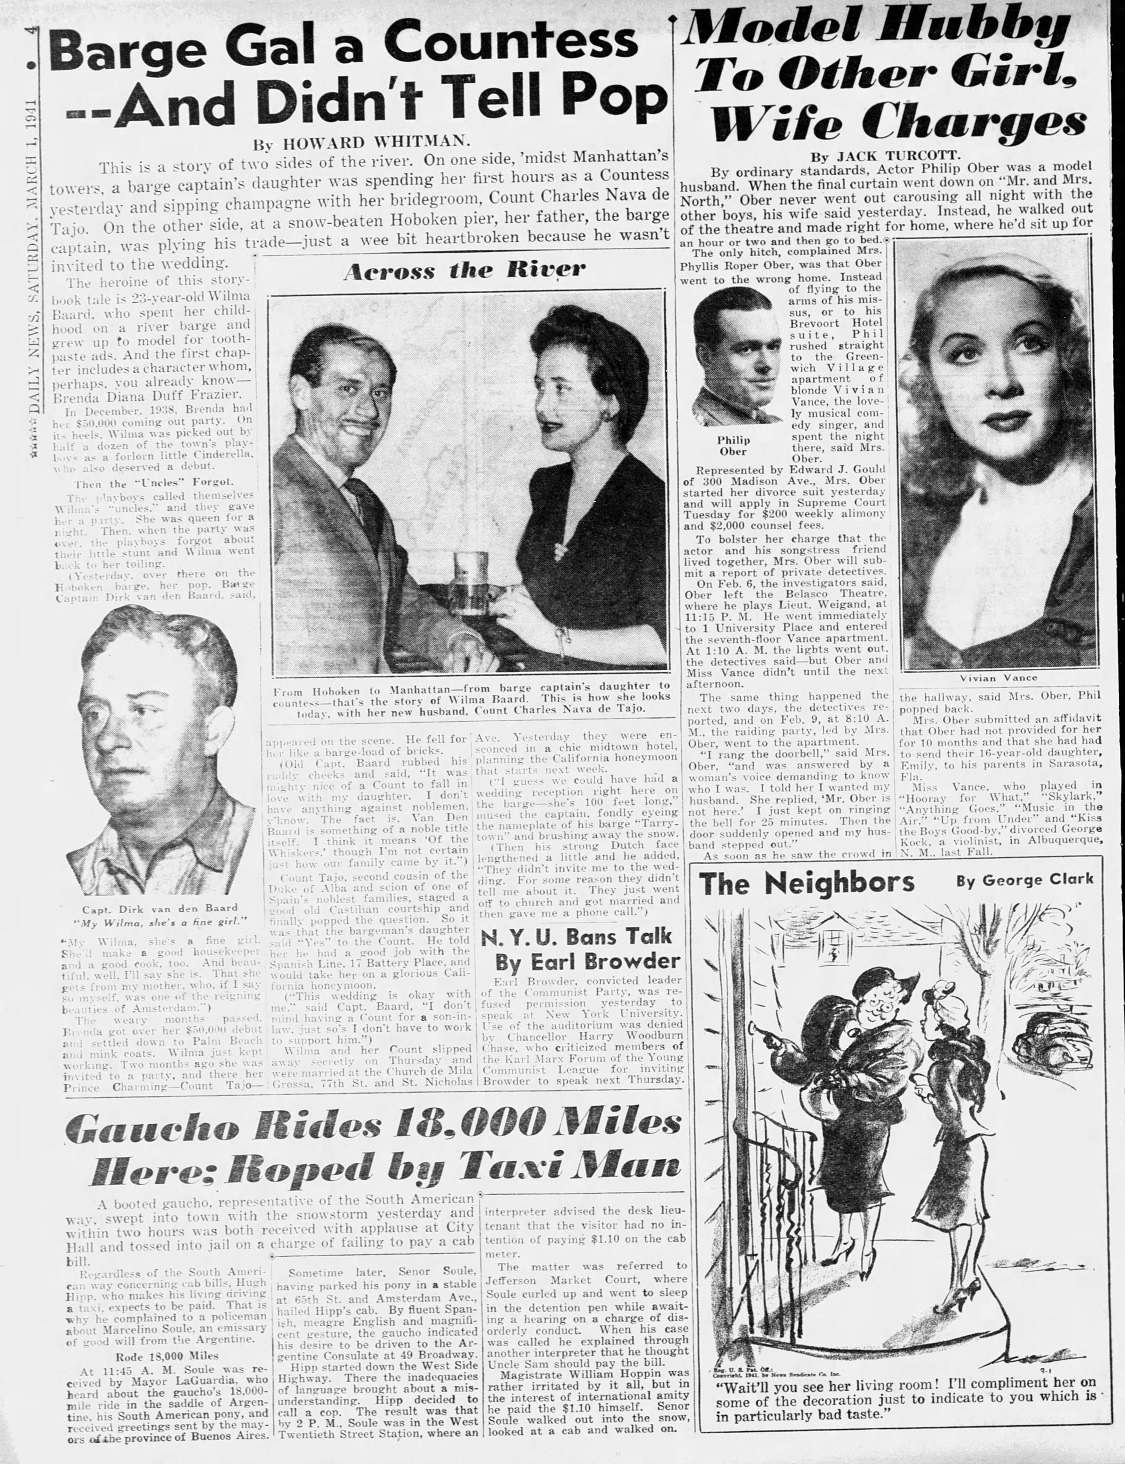 Daily_News_Sat__Mar_1__1941_.jpg